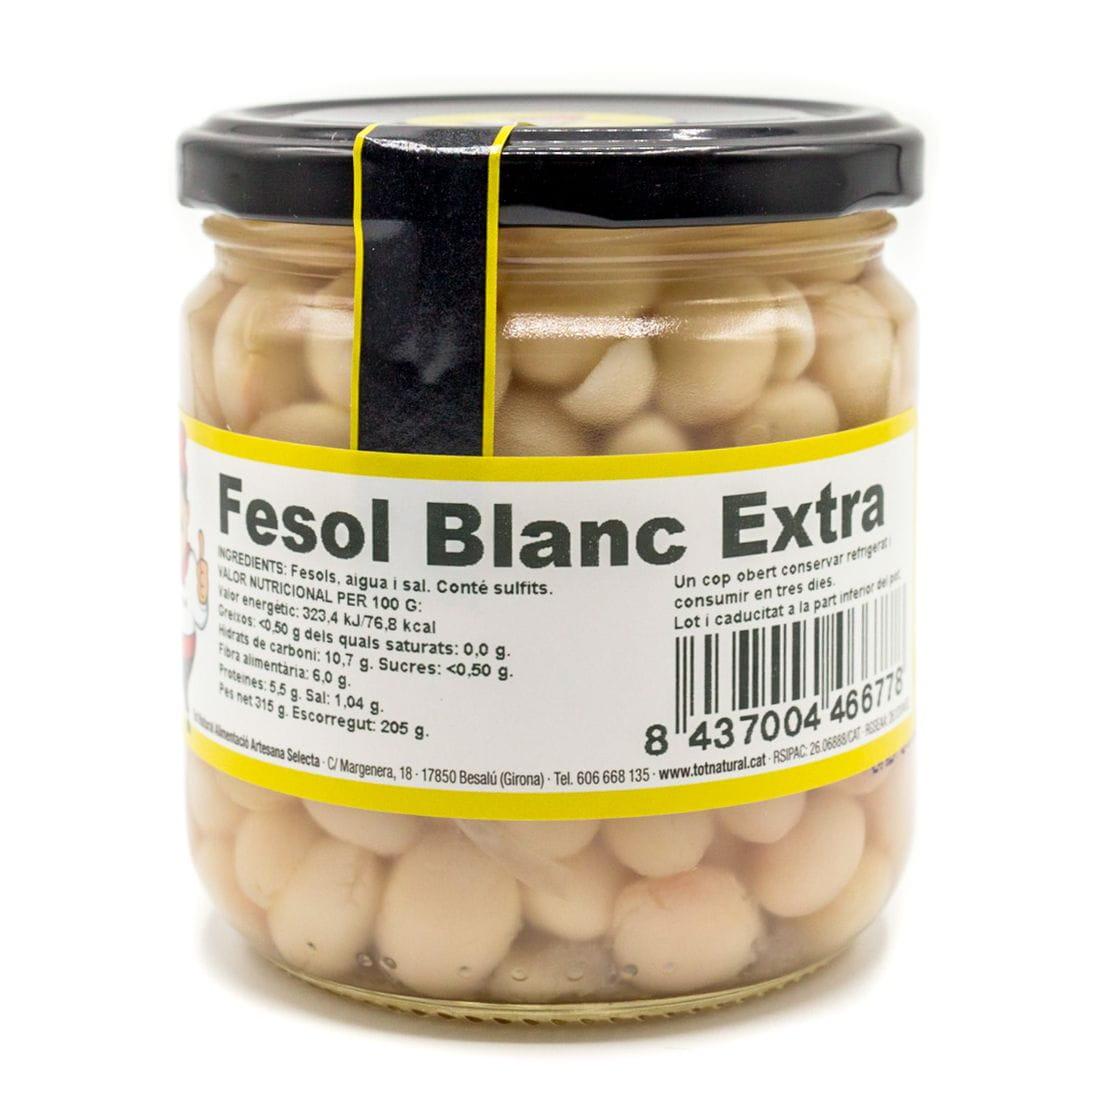 Fesol Blanc